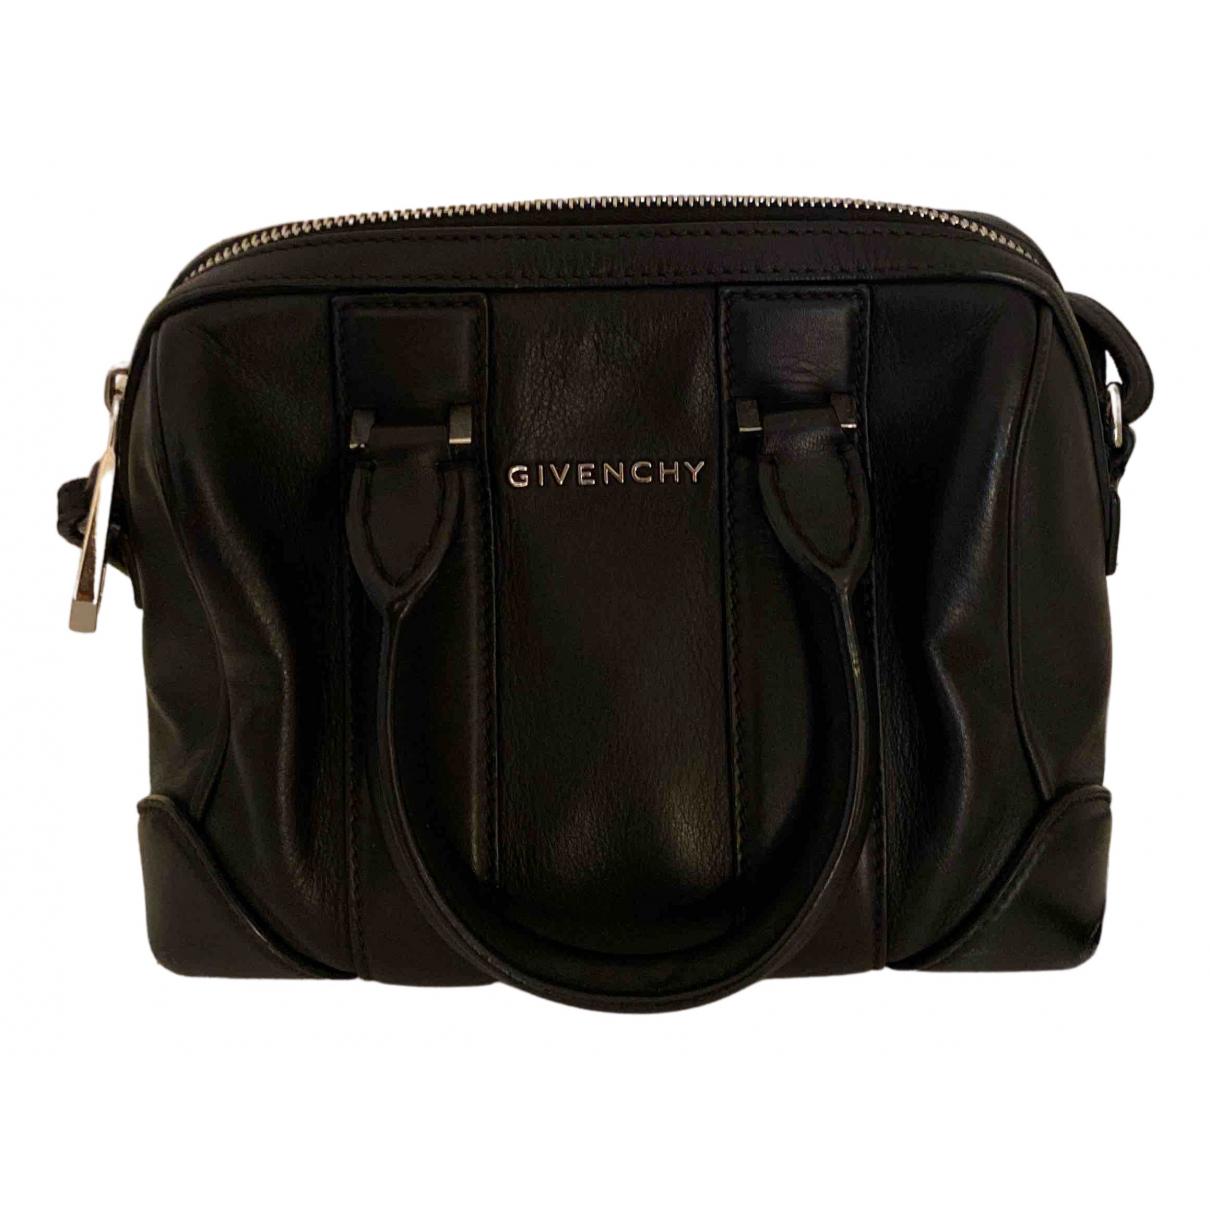 Givenchy Lucrezia Handtasche in  Schwarz Leder